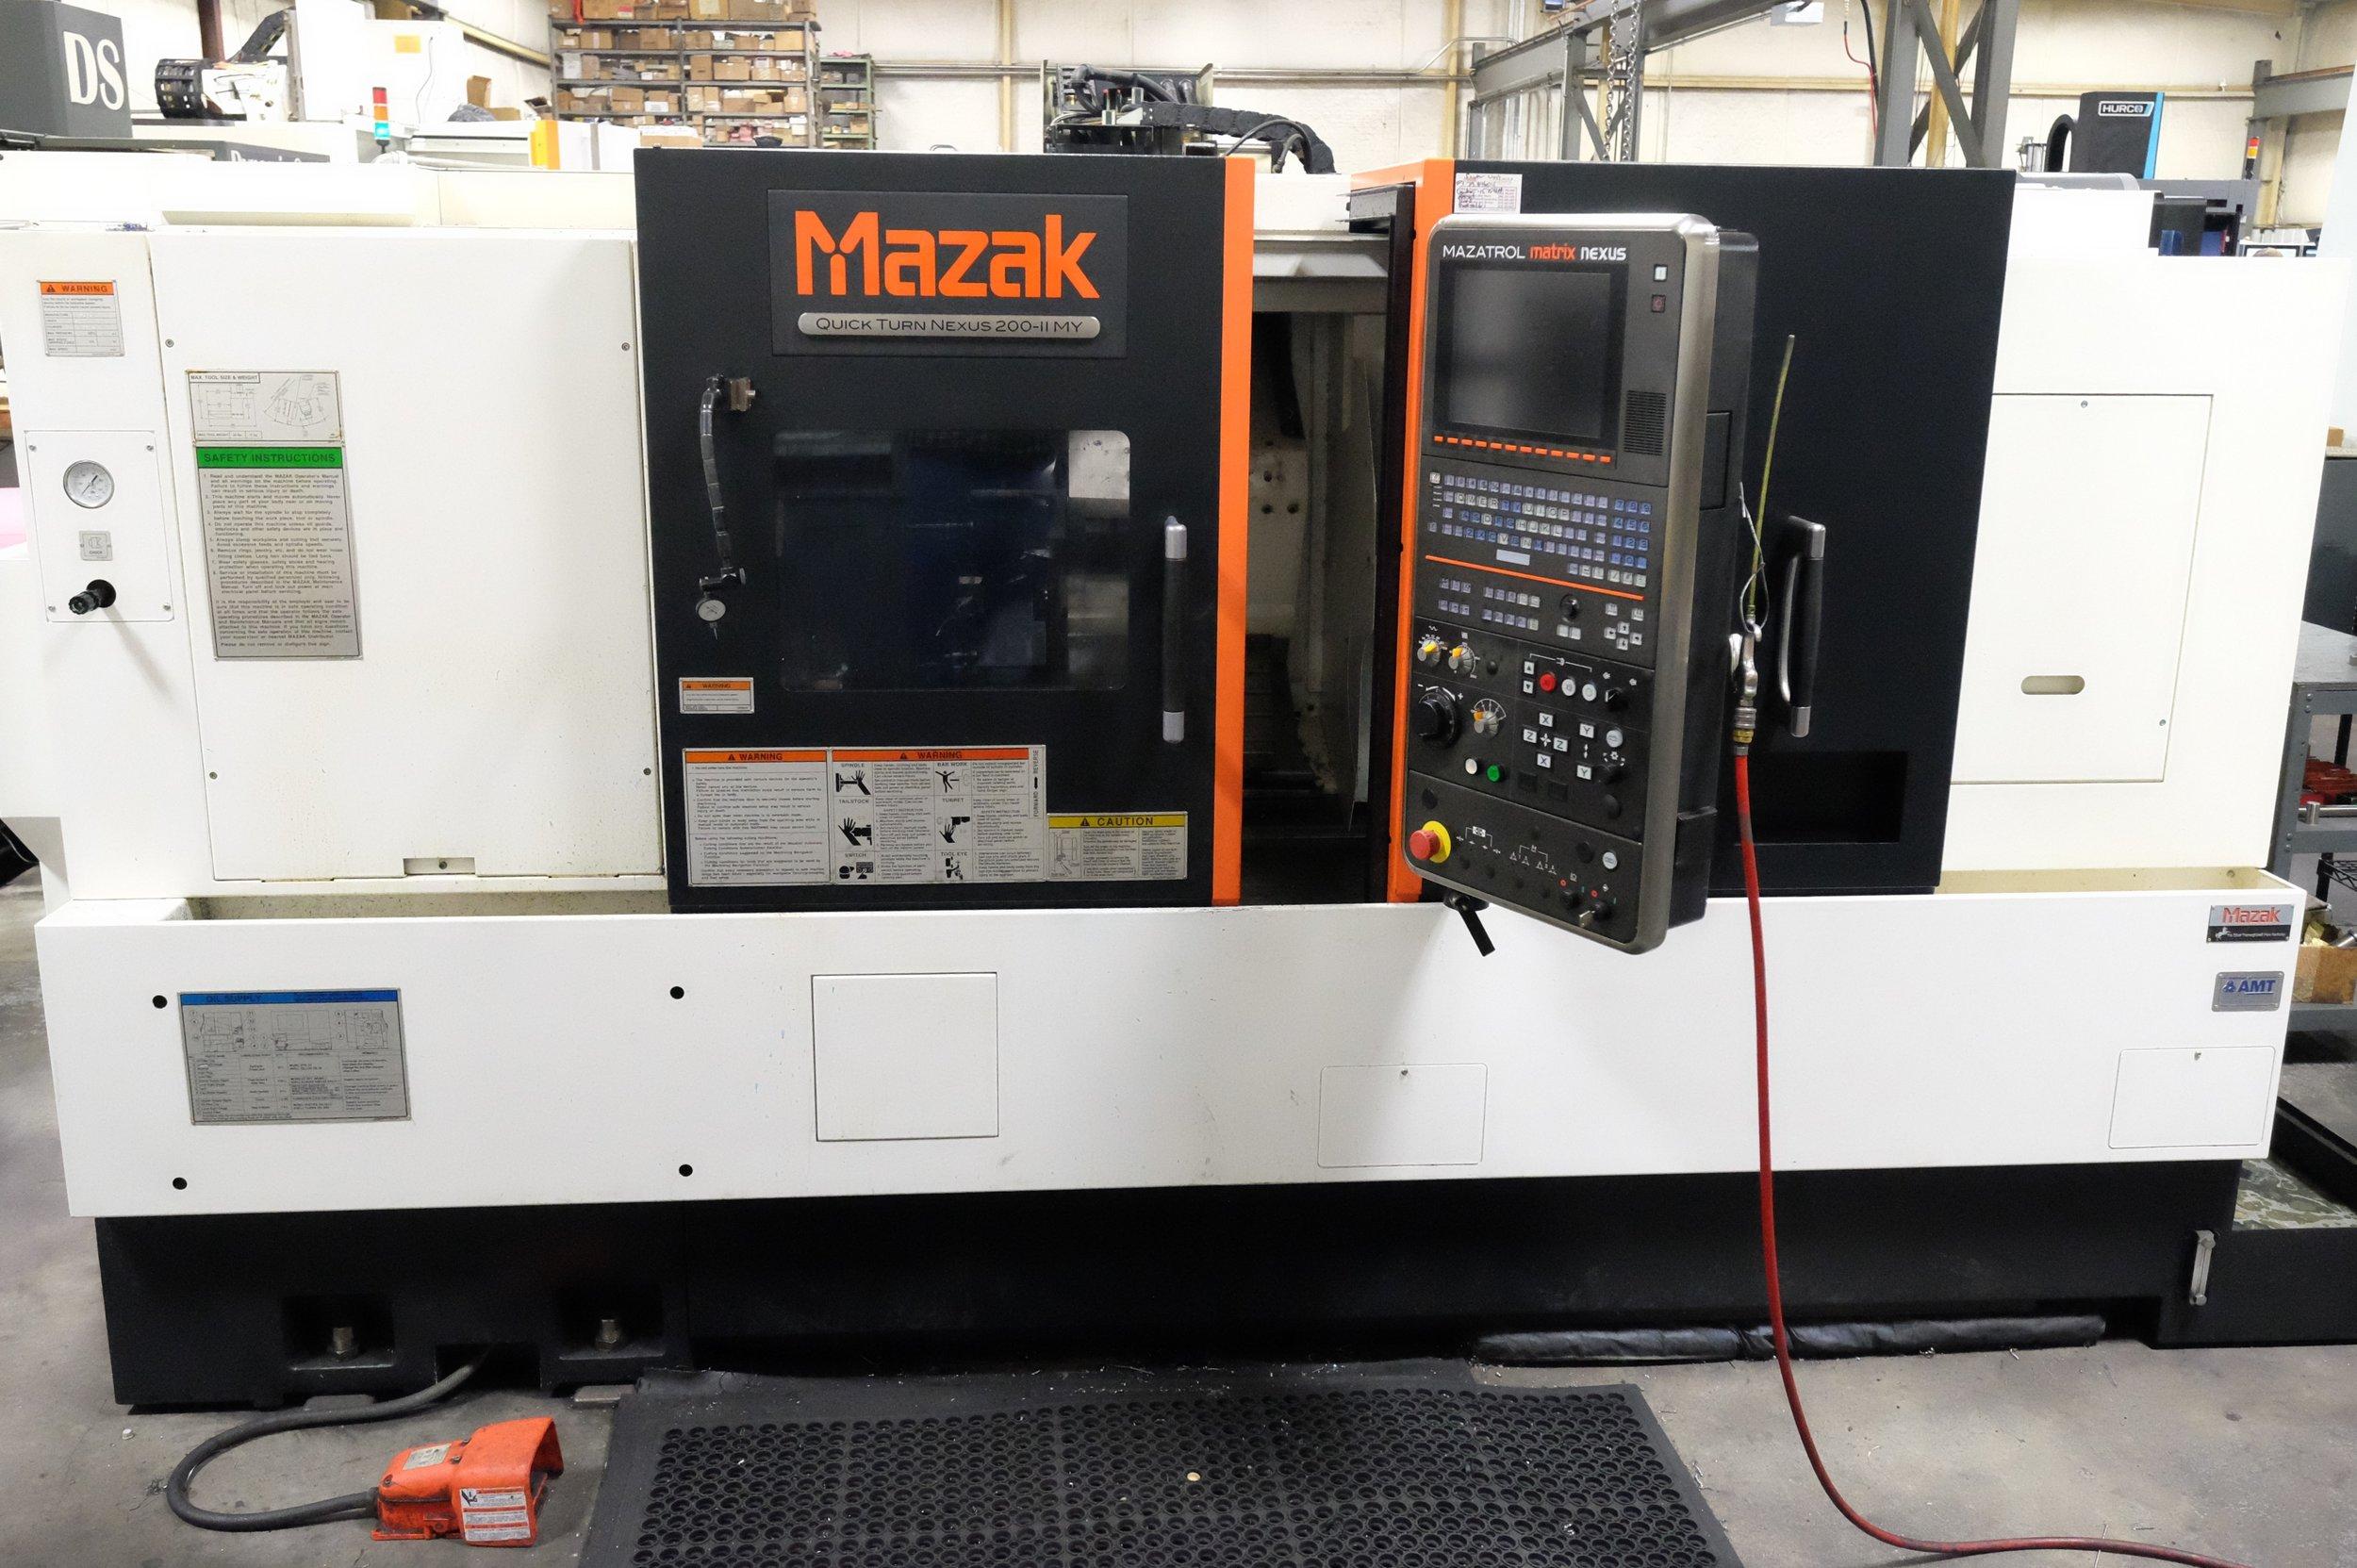 Mazak Nexus 200-II CNC Lathe